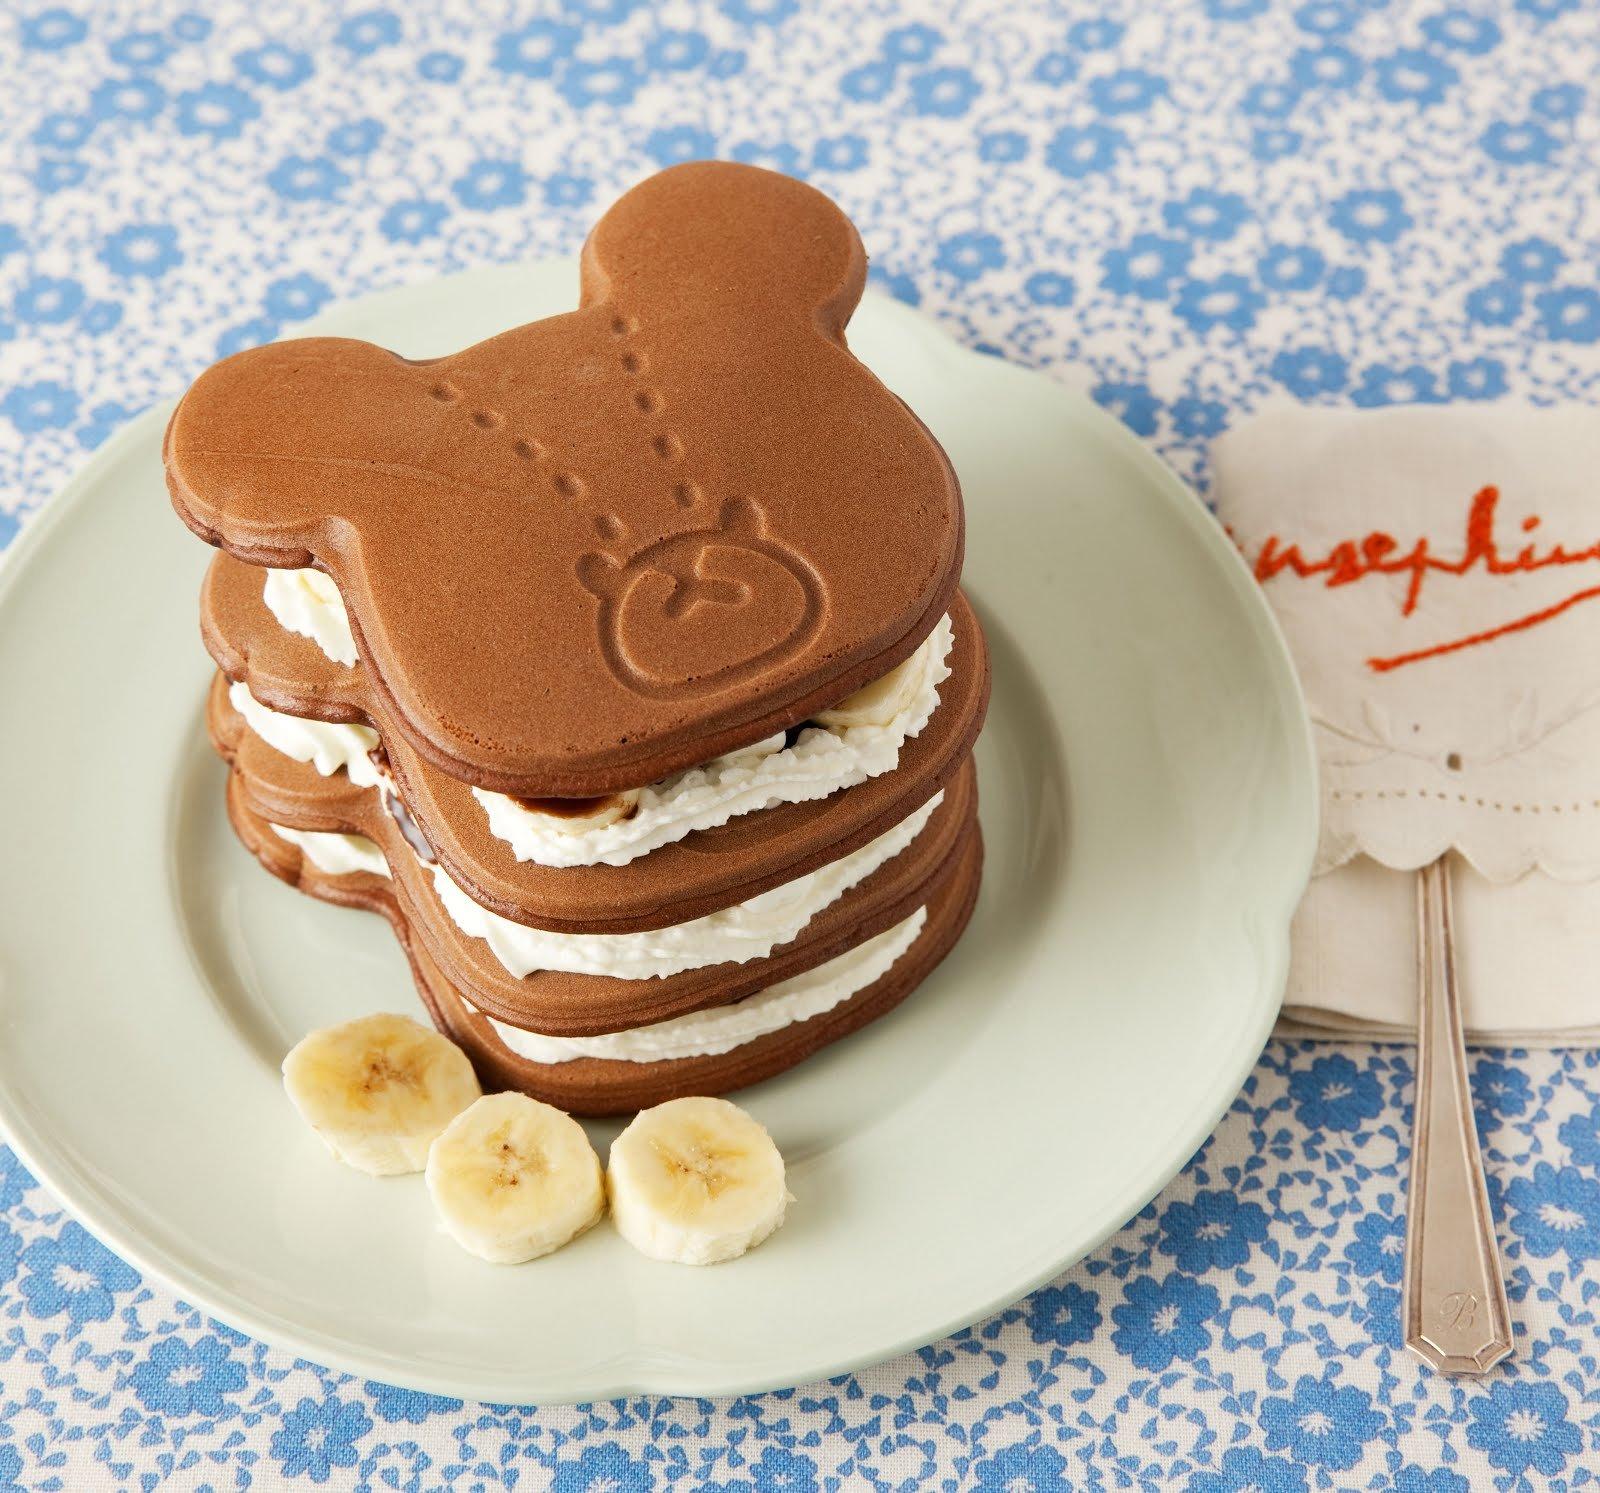 ジャッキーの大好き パンケーキbook くまのがっこう くまのがっこう ジャッキーの大好き パンケーキbook 集英社女性誌企画編集部 本 通販 Amazon